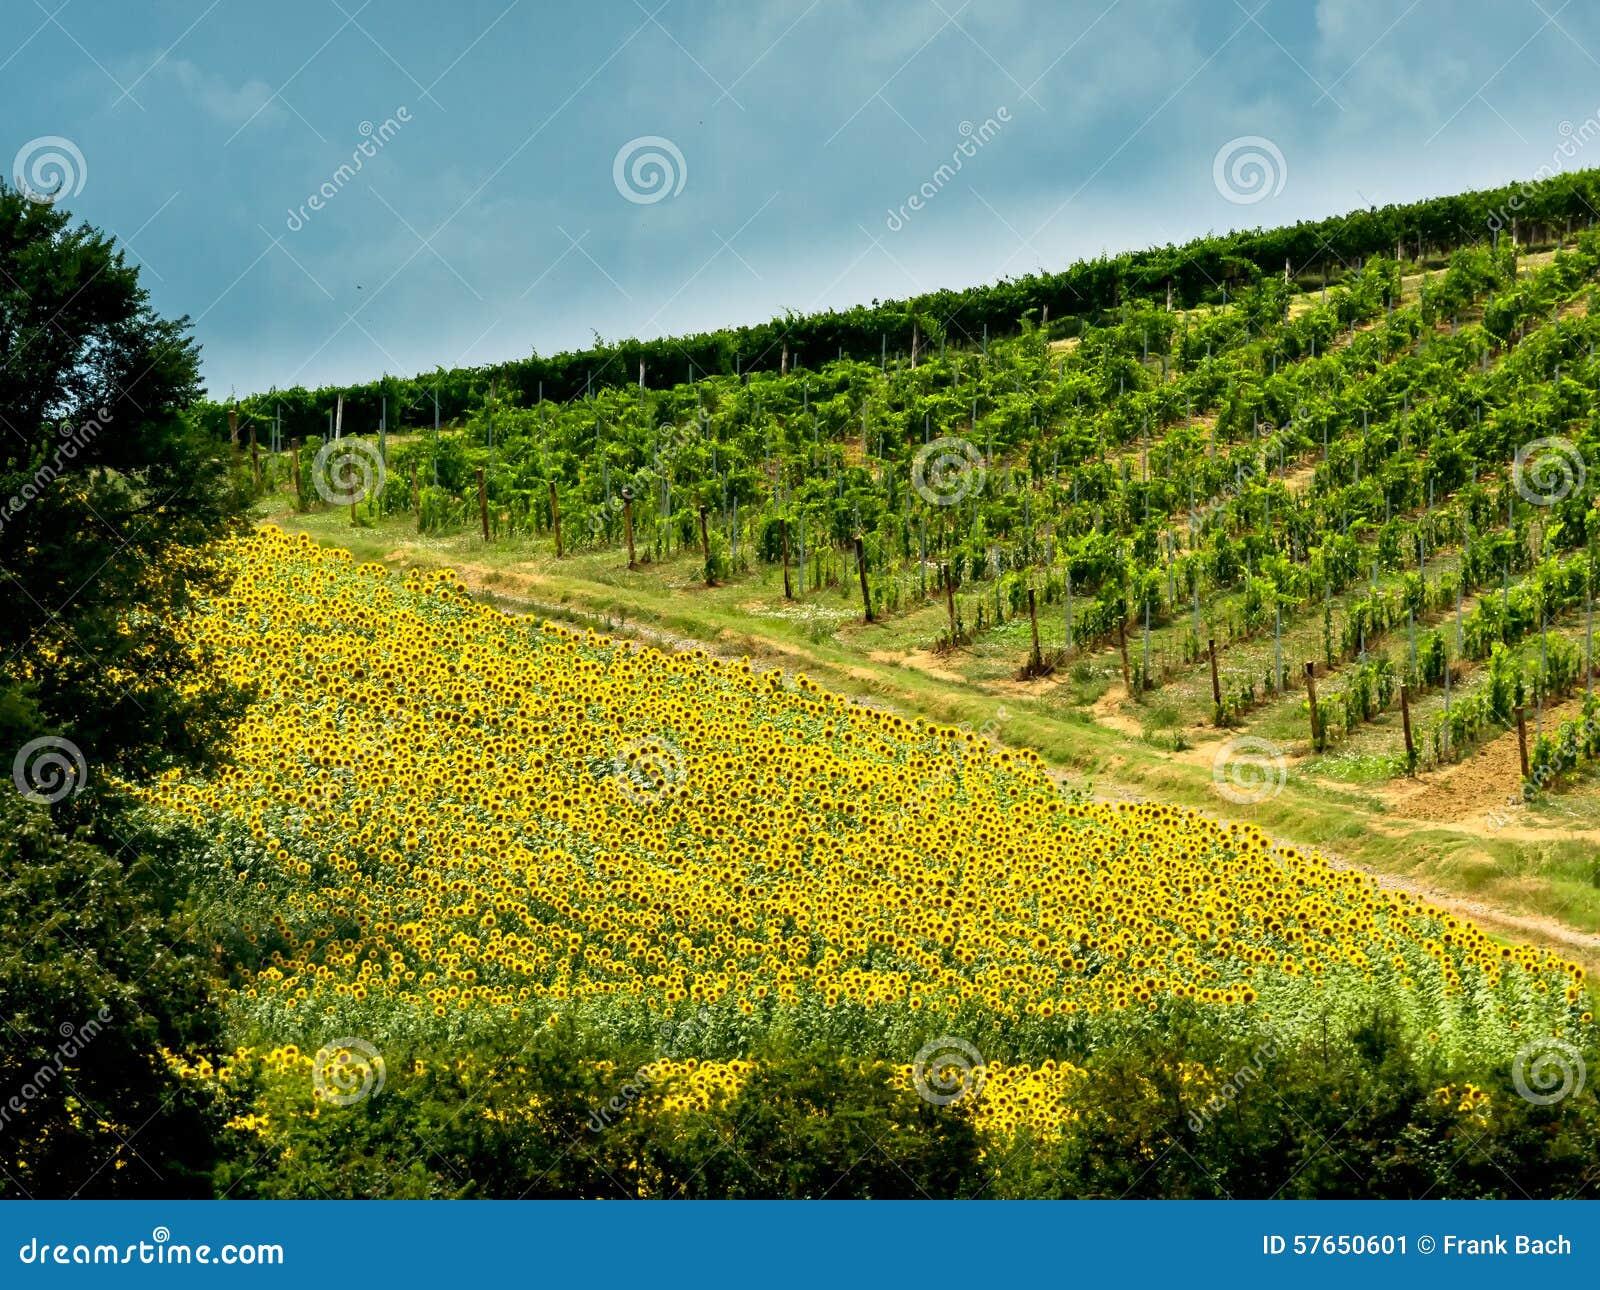 Pola z winem słoneczniki w Tuscany